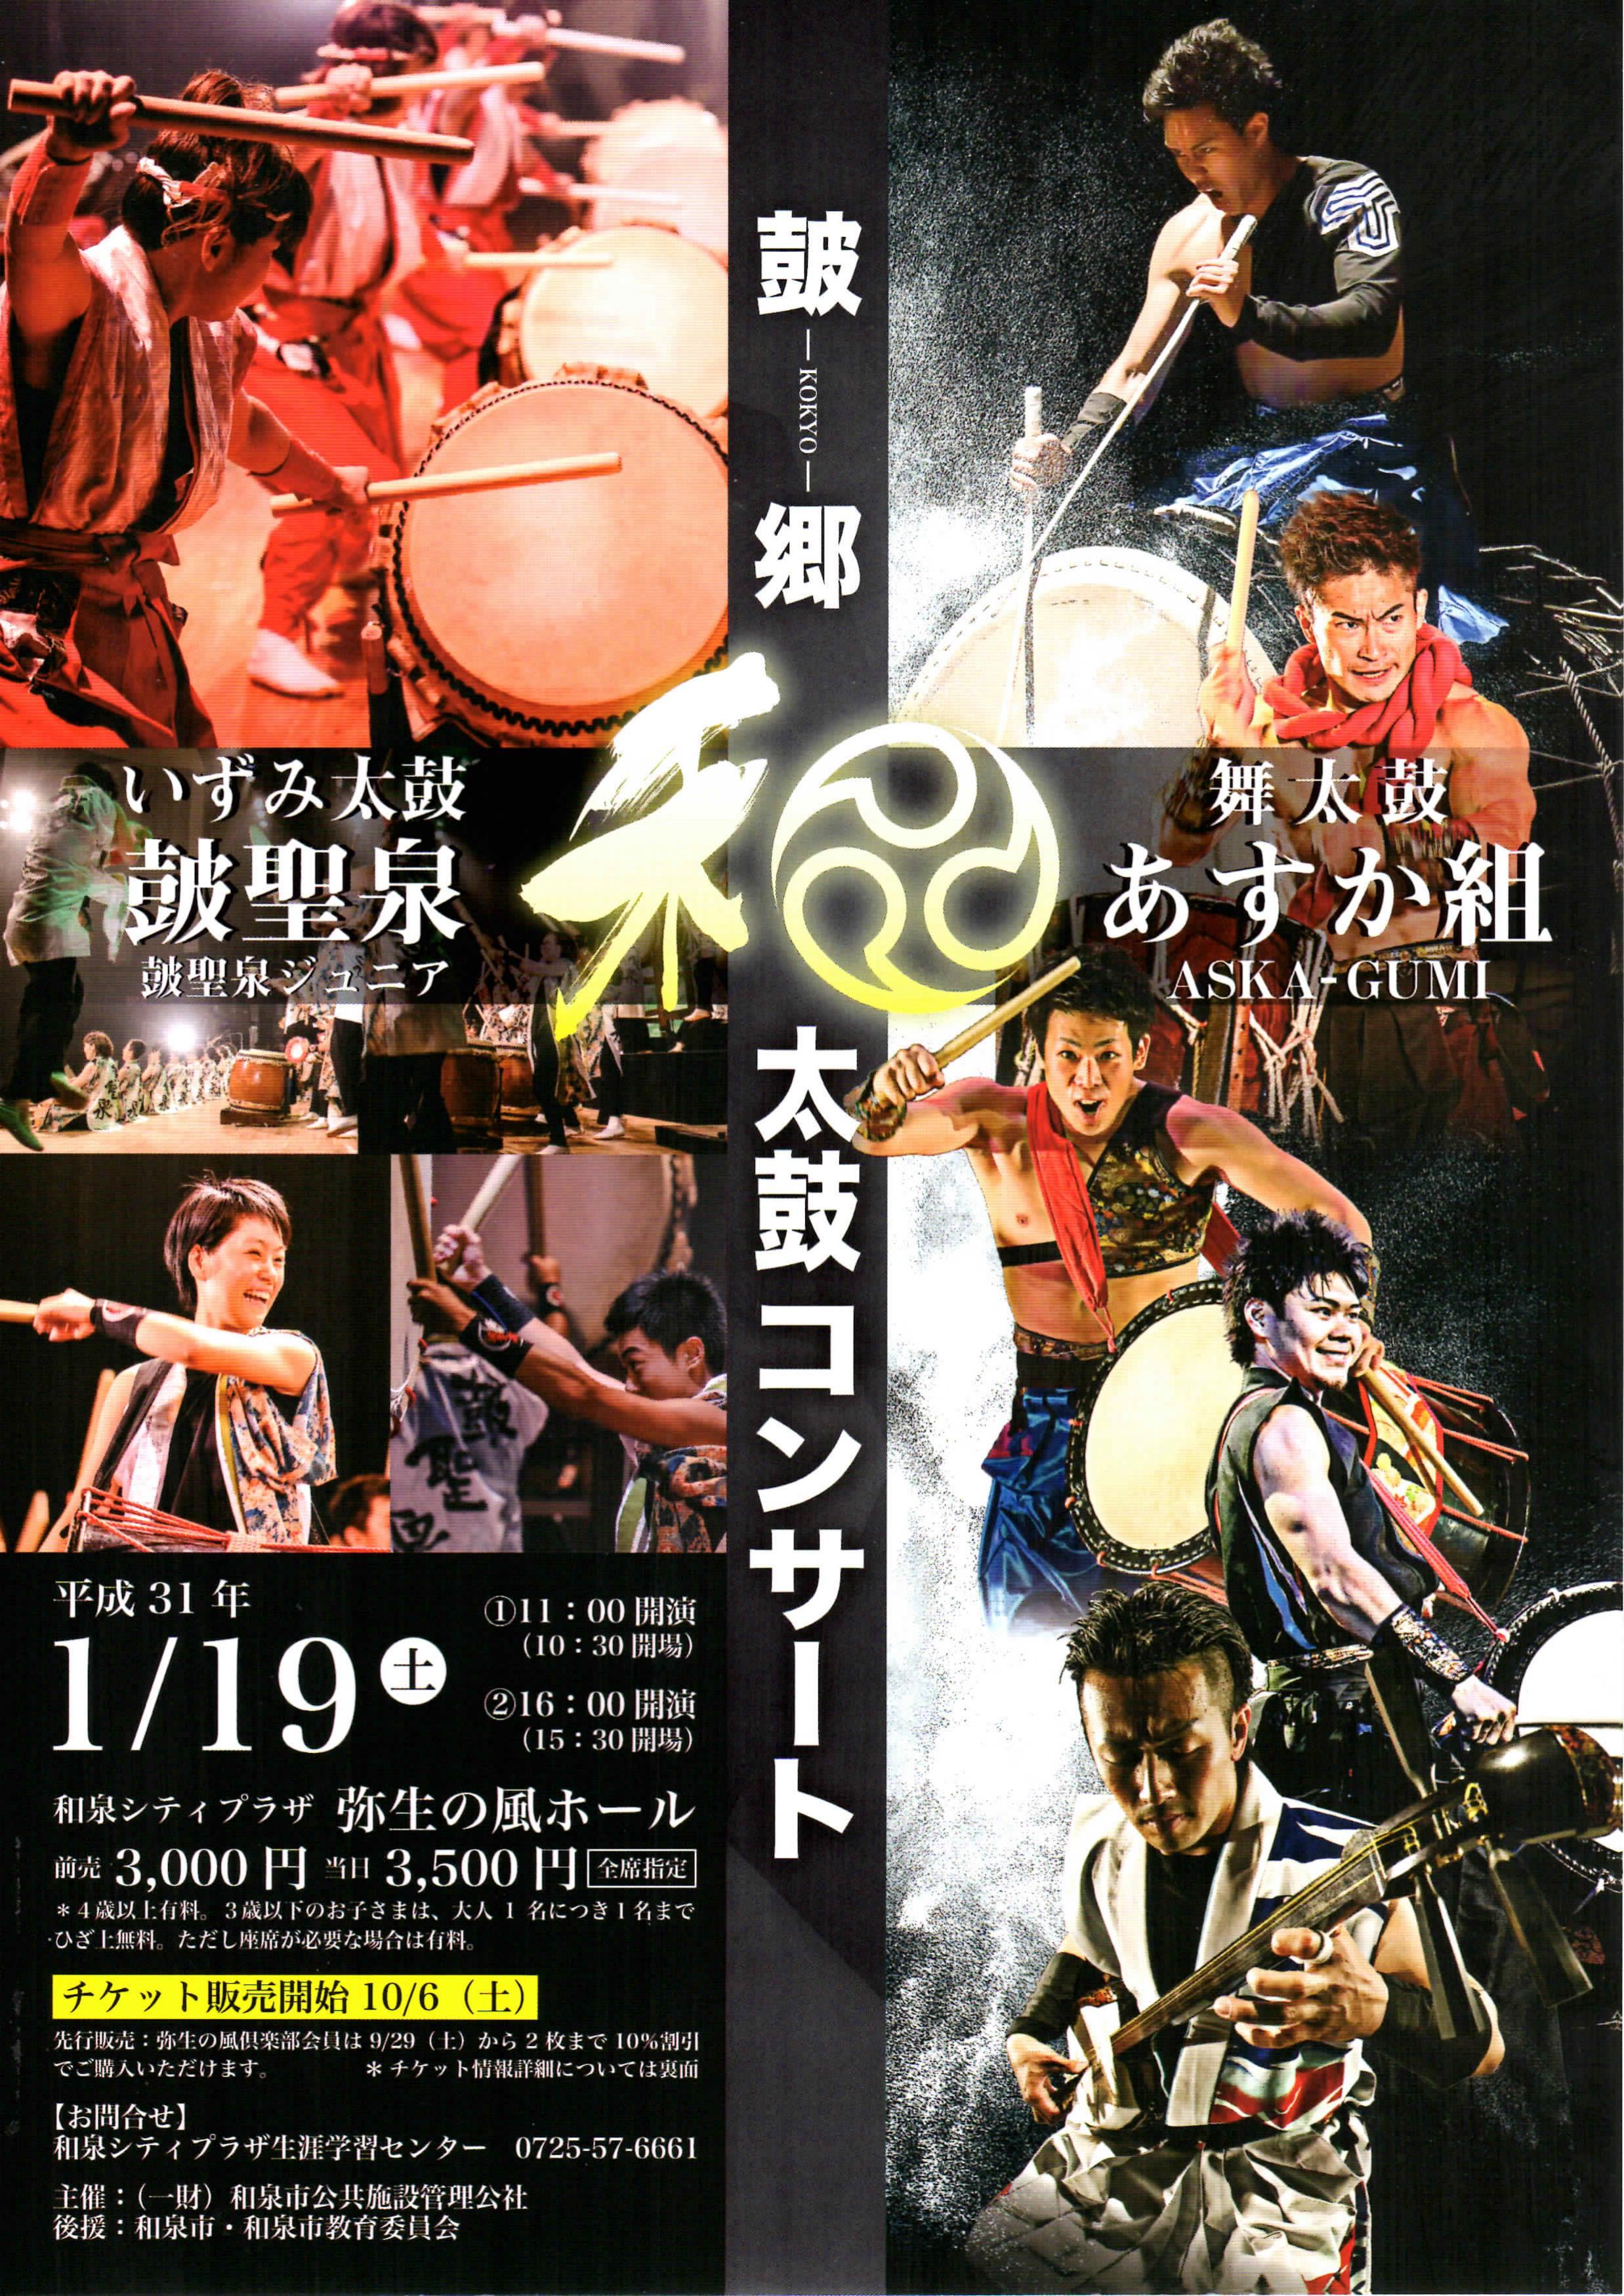 【終了】2019/1/19(土)和太鼓コンサート皷郷-KOKYO- 和泉シティプラザにて!